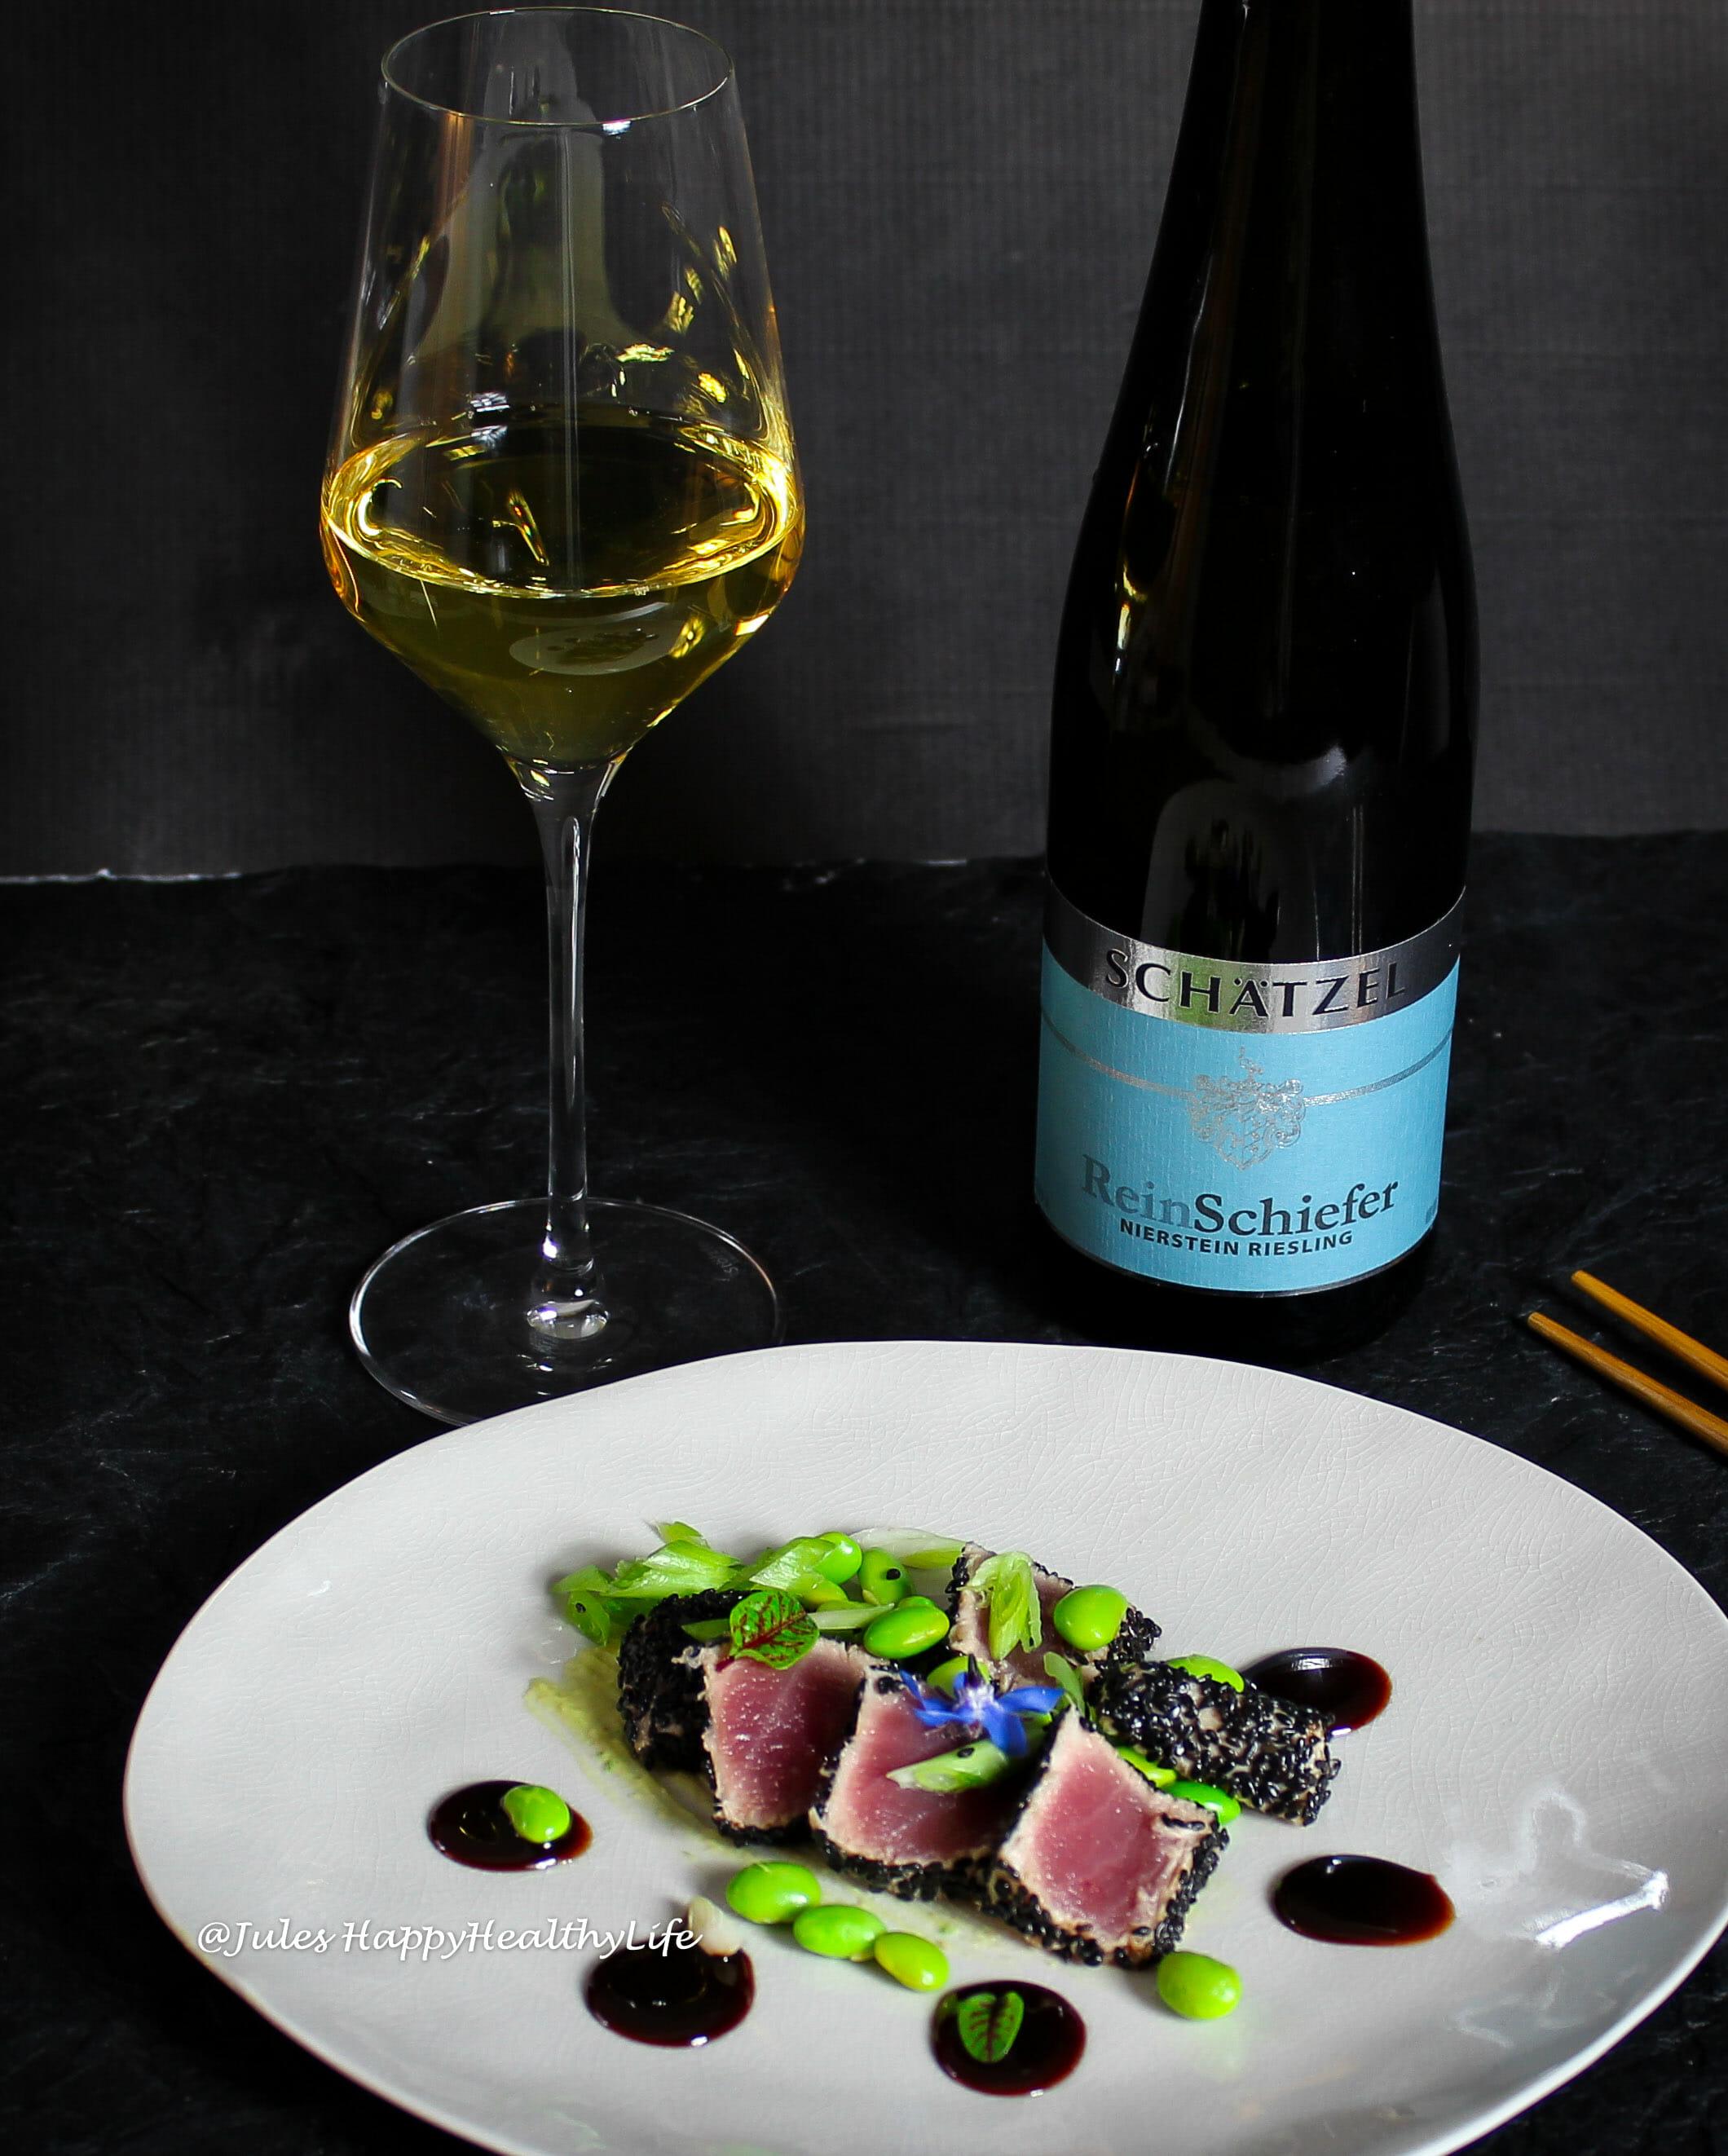 ReinSchiefer Nierstein 2013 vom Weingut Schätzel ist die perfekte Weinbegleitung zum Tuna Tataki mit Ingwer Soja Reduktion.